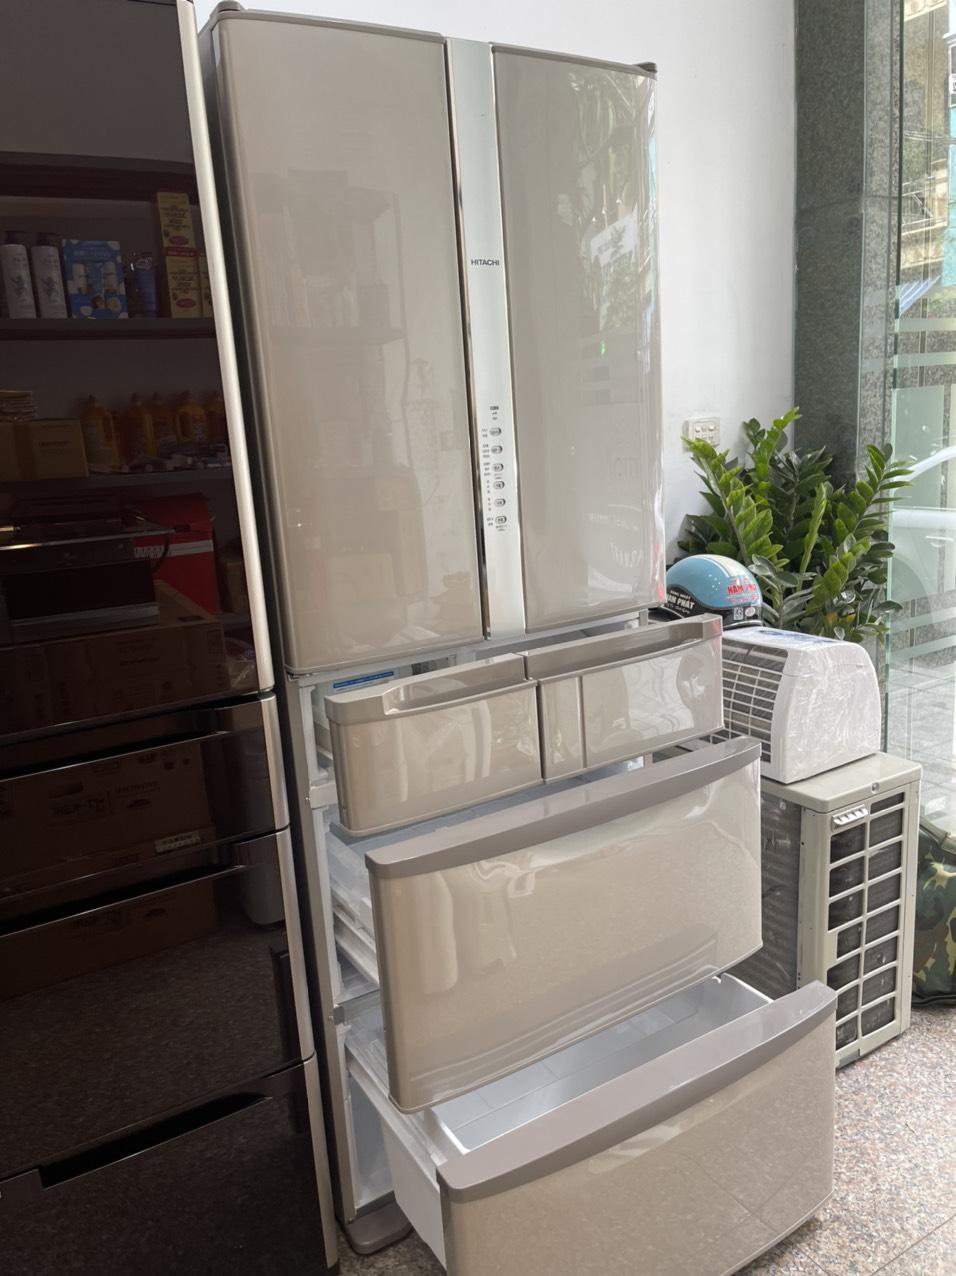 Tủ Lạnh Hitachi R F48mg Date 2020 1